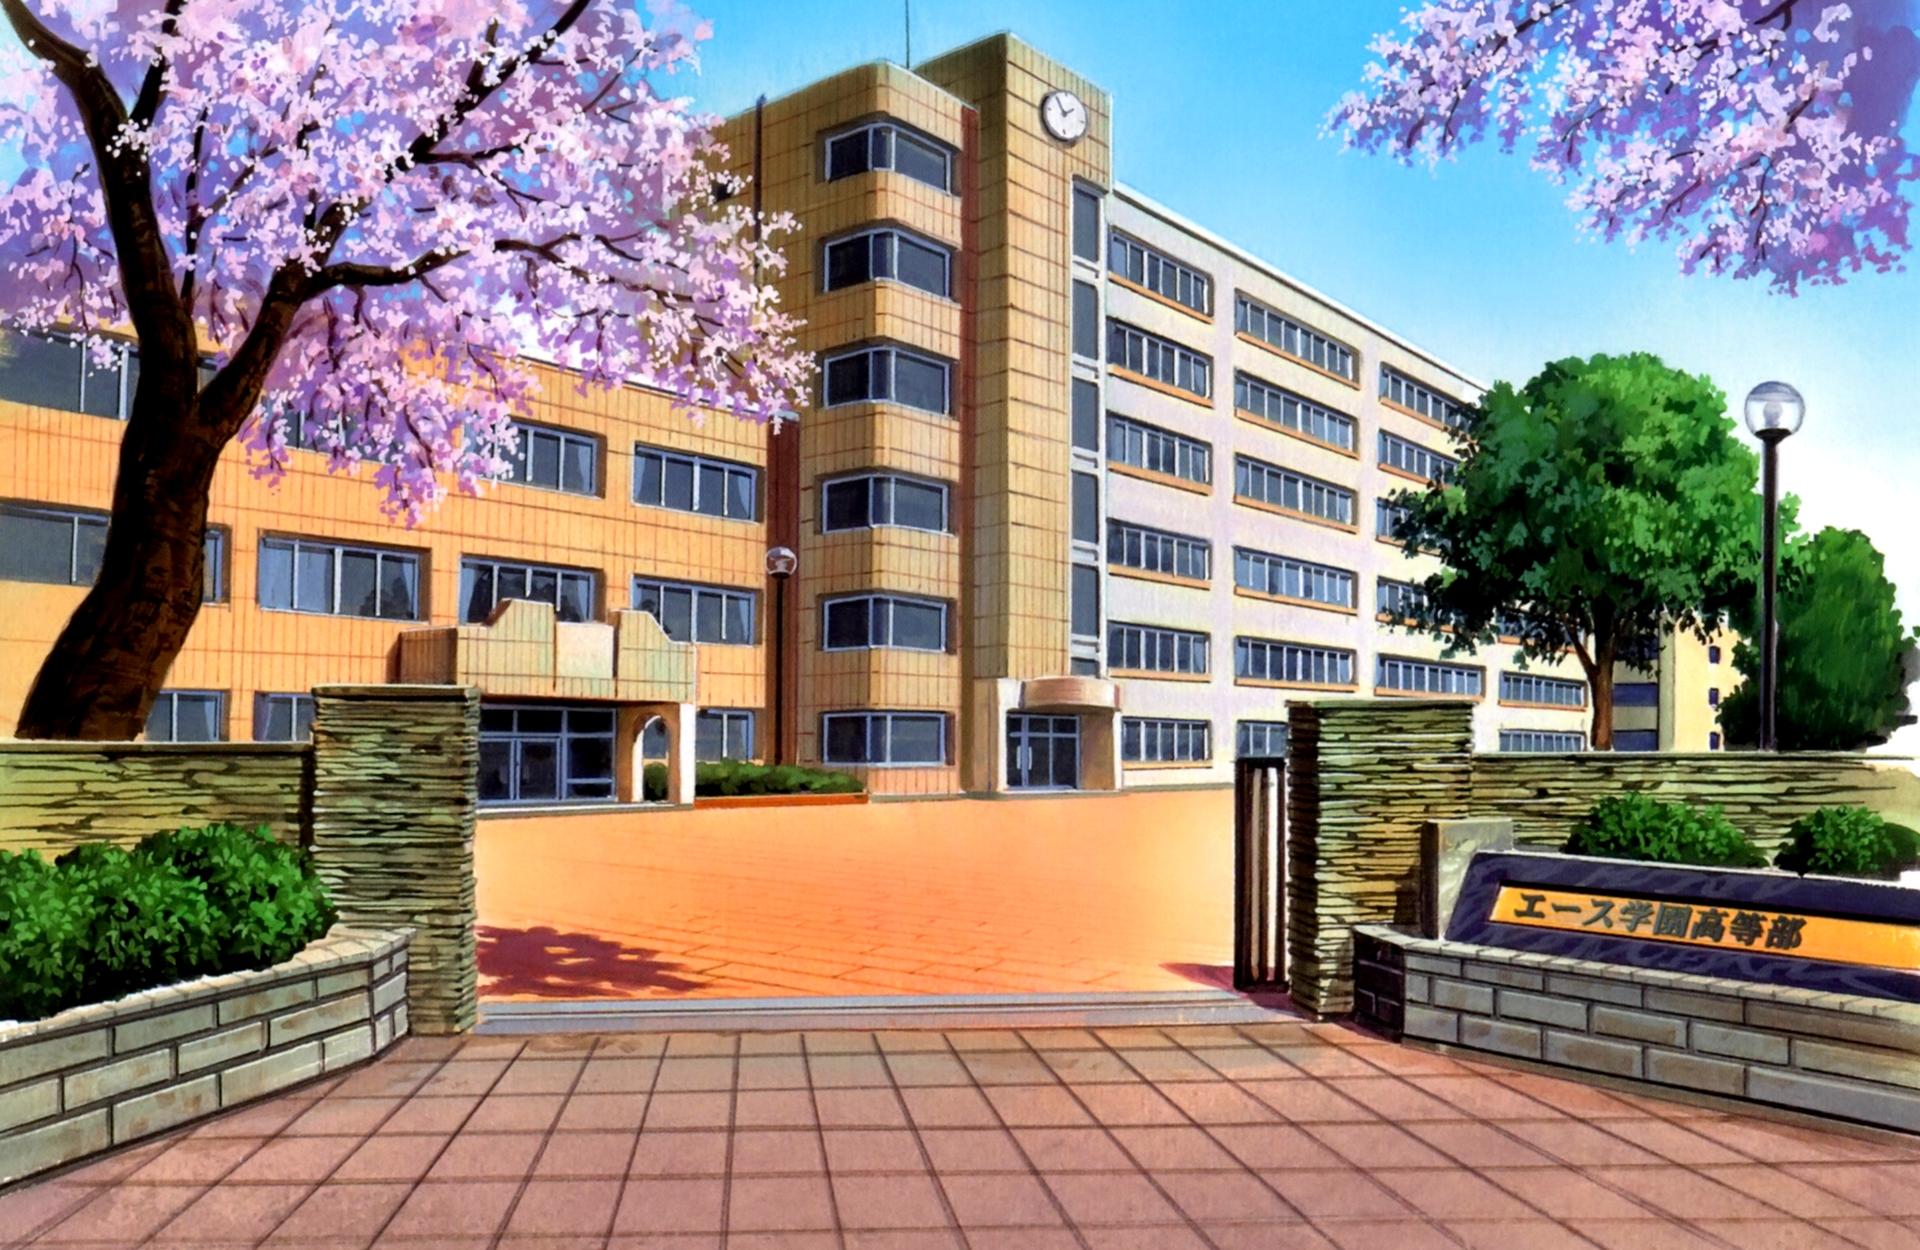 Bienvenue à TenshiakumaHighSchoolRègle d'or: Ne JAMAIS se fier aux apparences, surtout dans notre école.